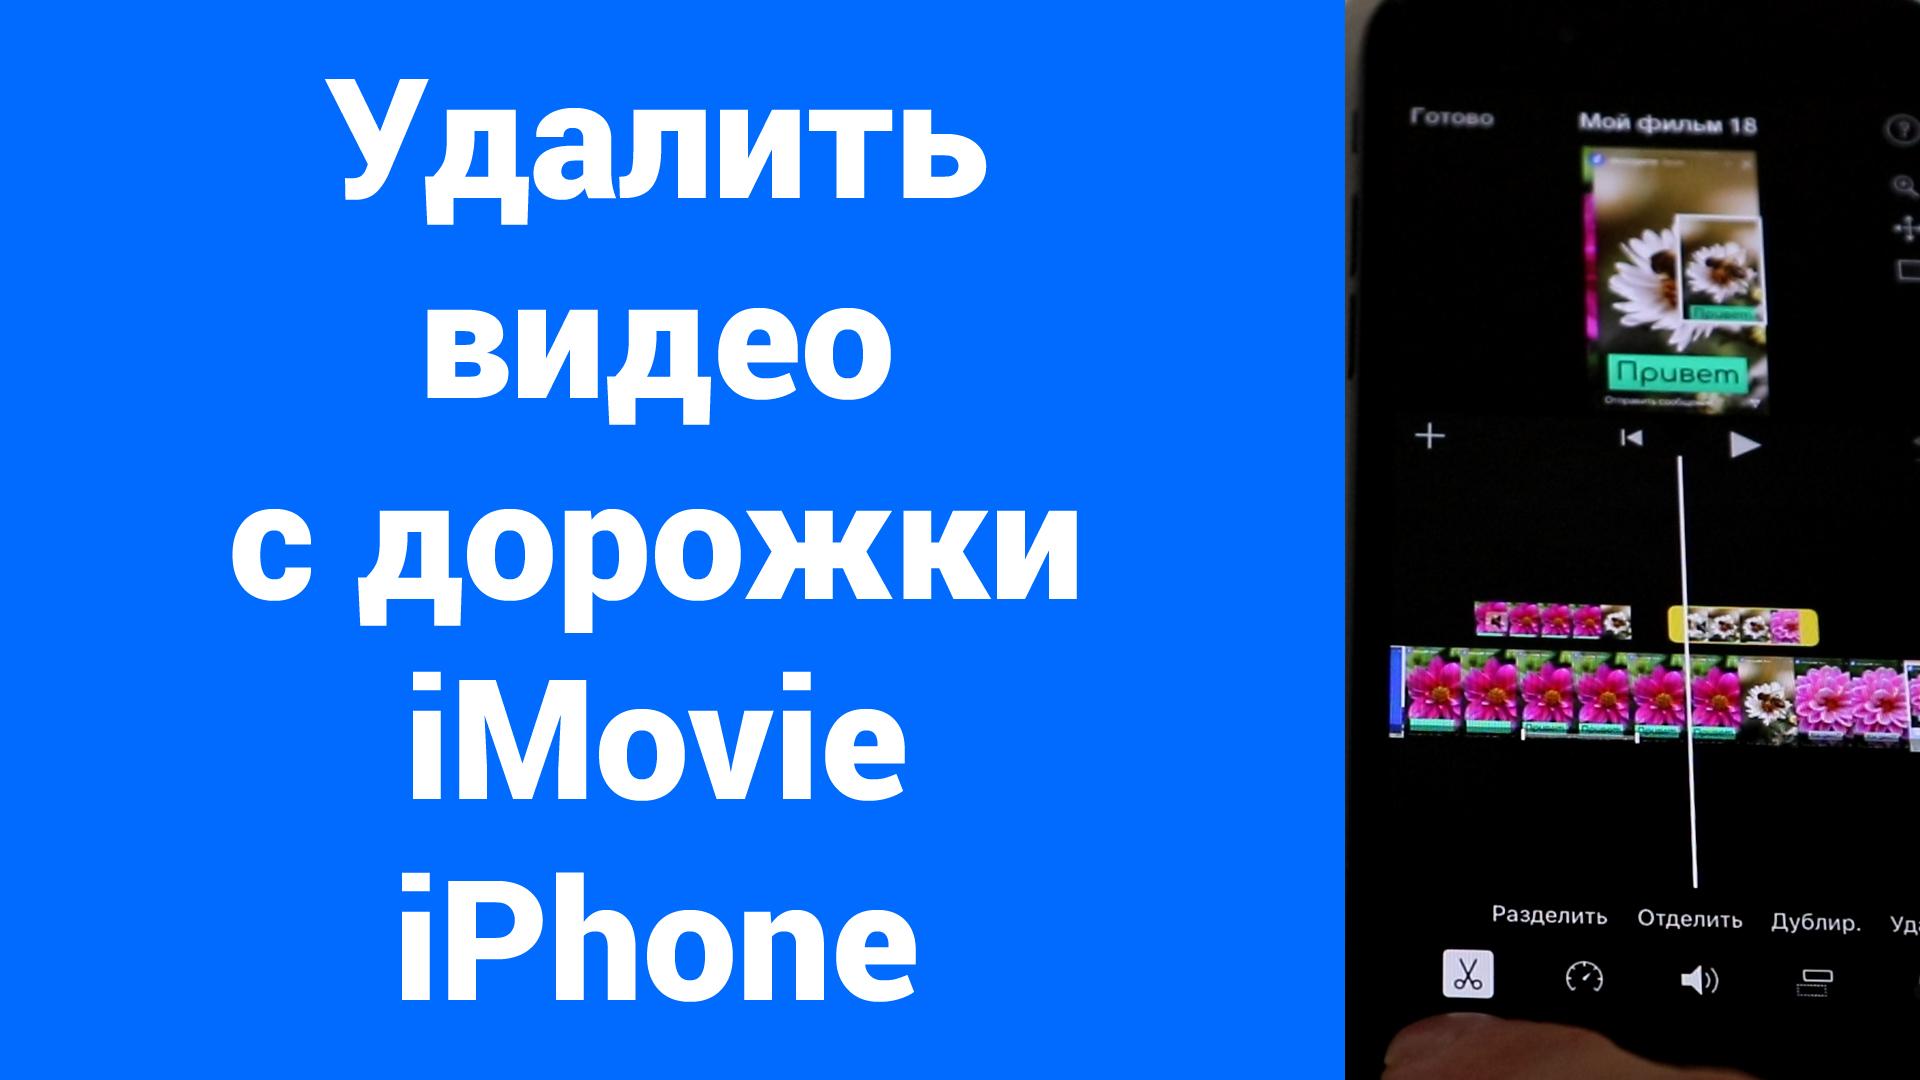 Как удалить видео, фото с дорожки в iMovie iPhone